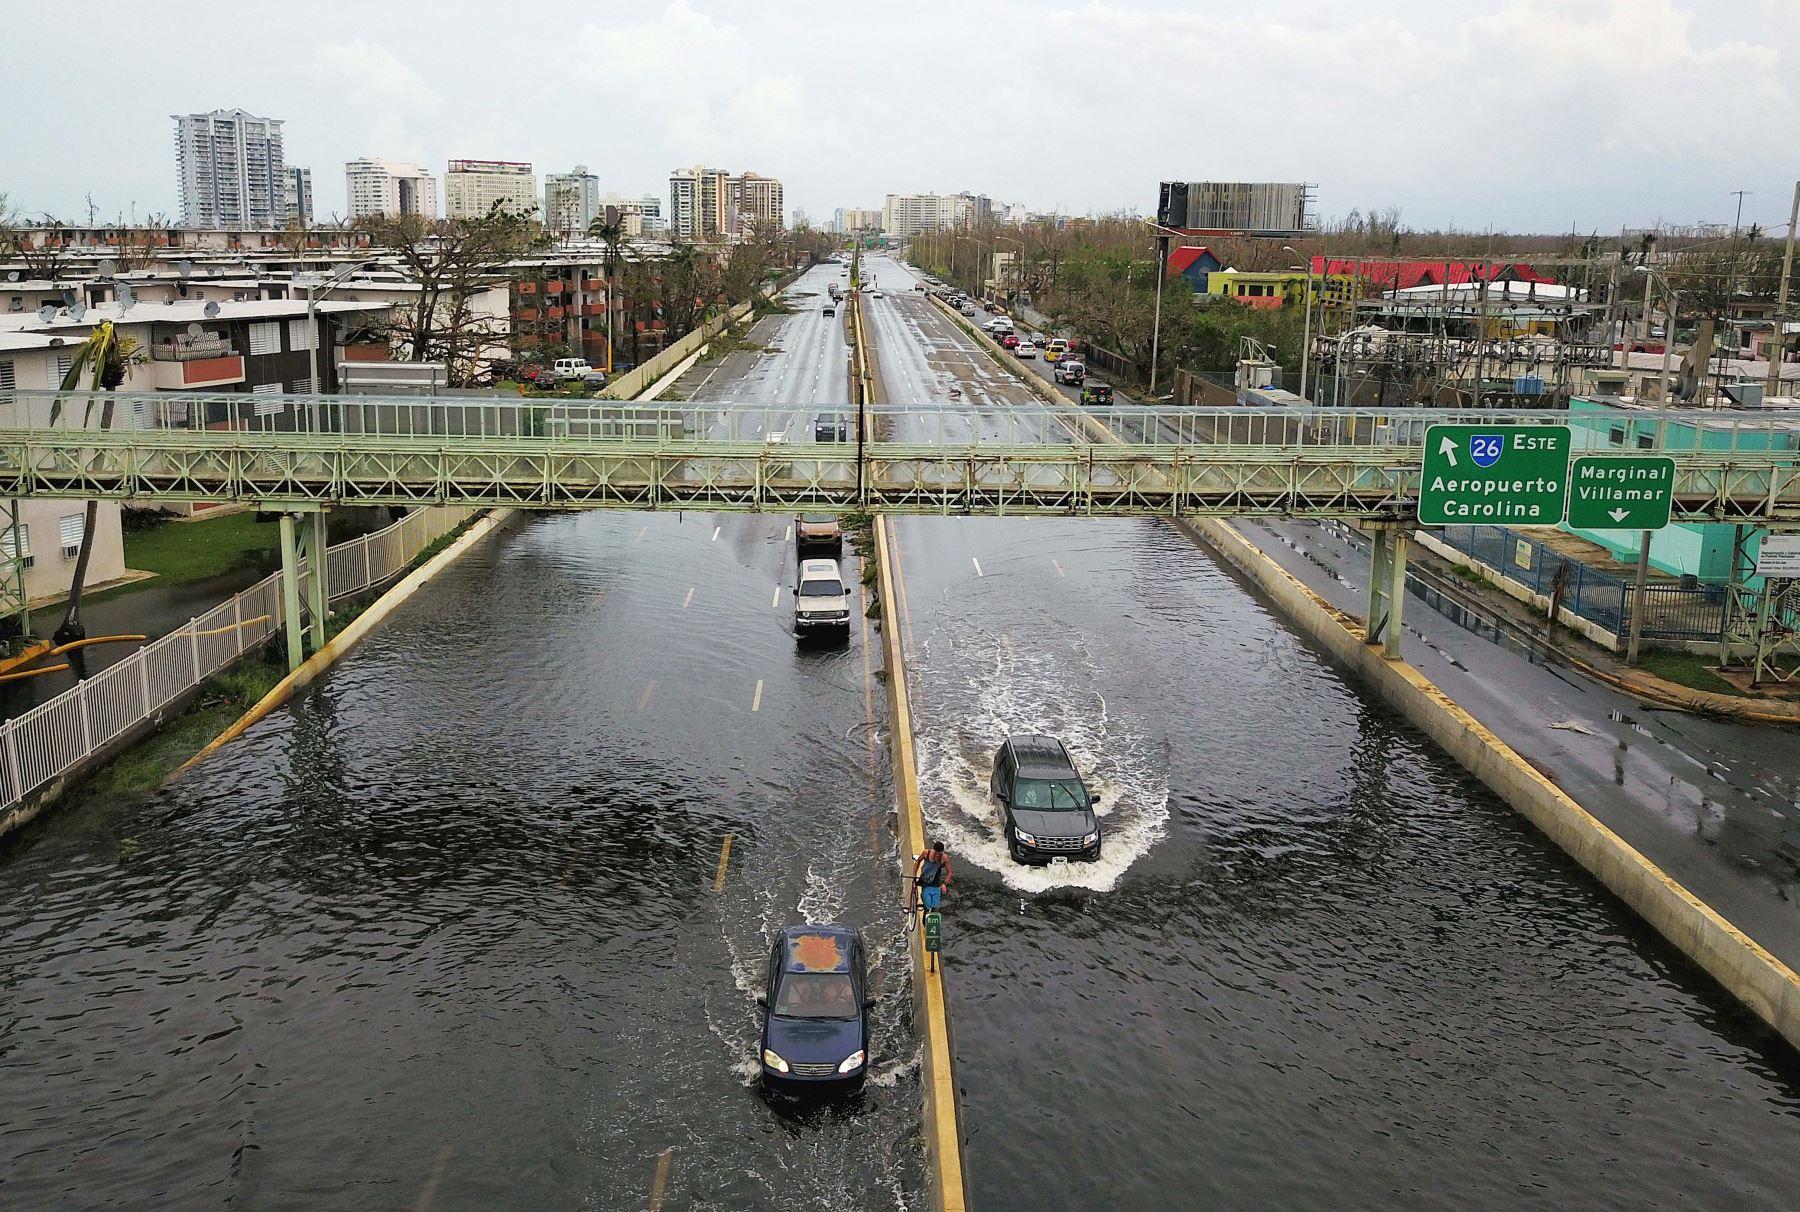 """Los automóviles pasan por un camino inundado después del huracán María,""""la tormenta más devastadora en un siglo"""" en San Juan, Puerto Rico.Foto:AFP"""